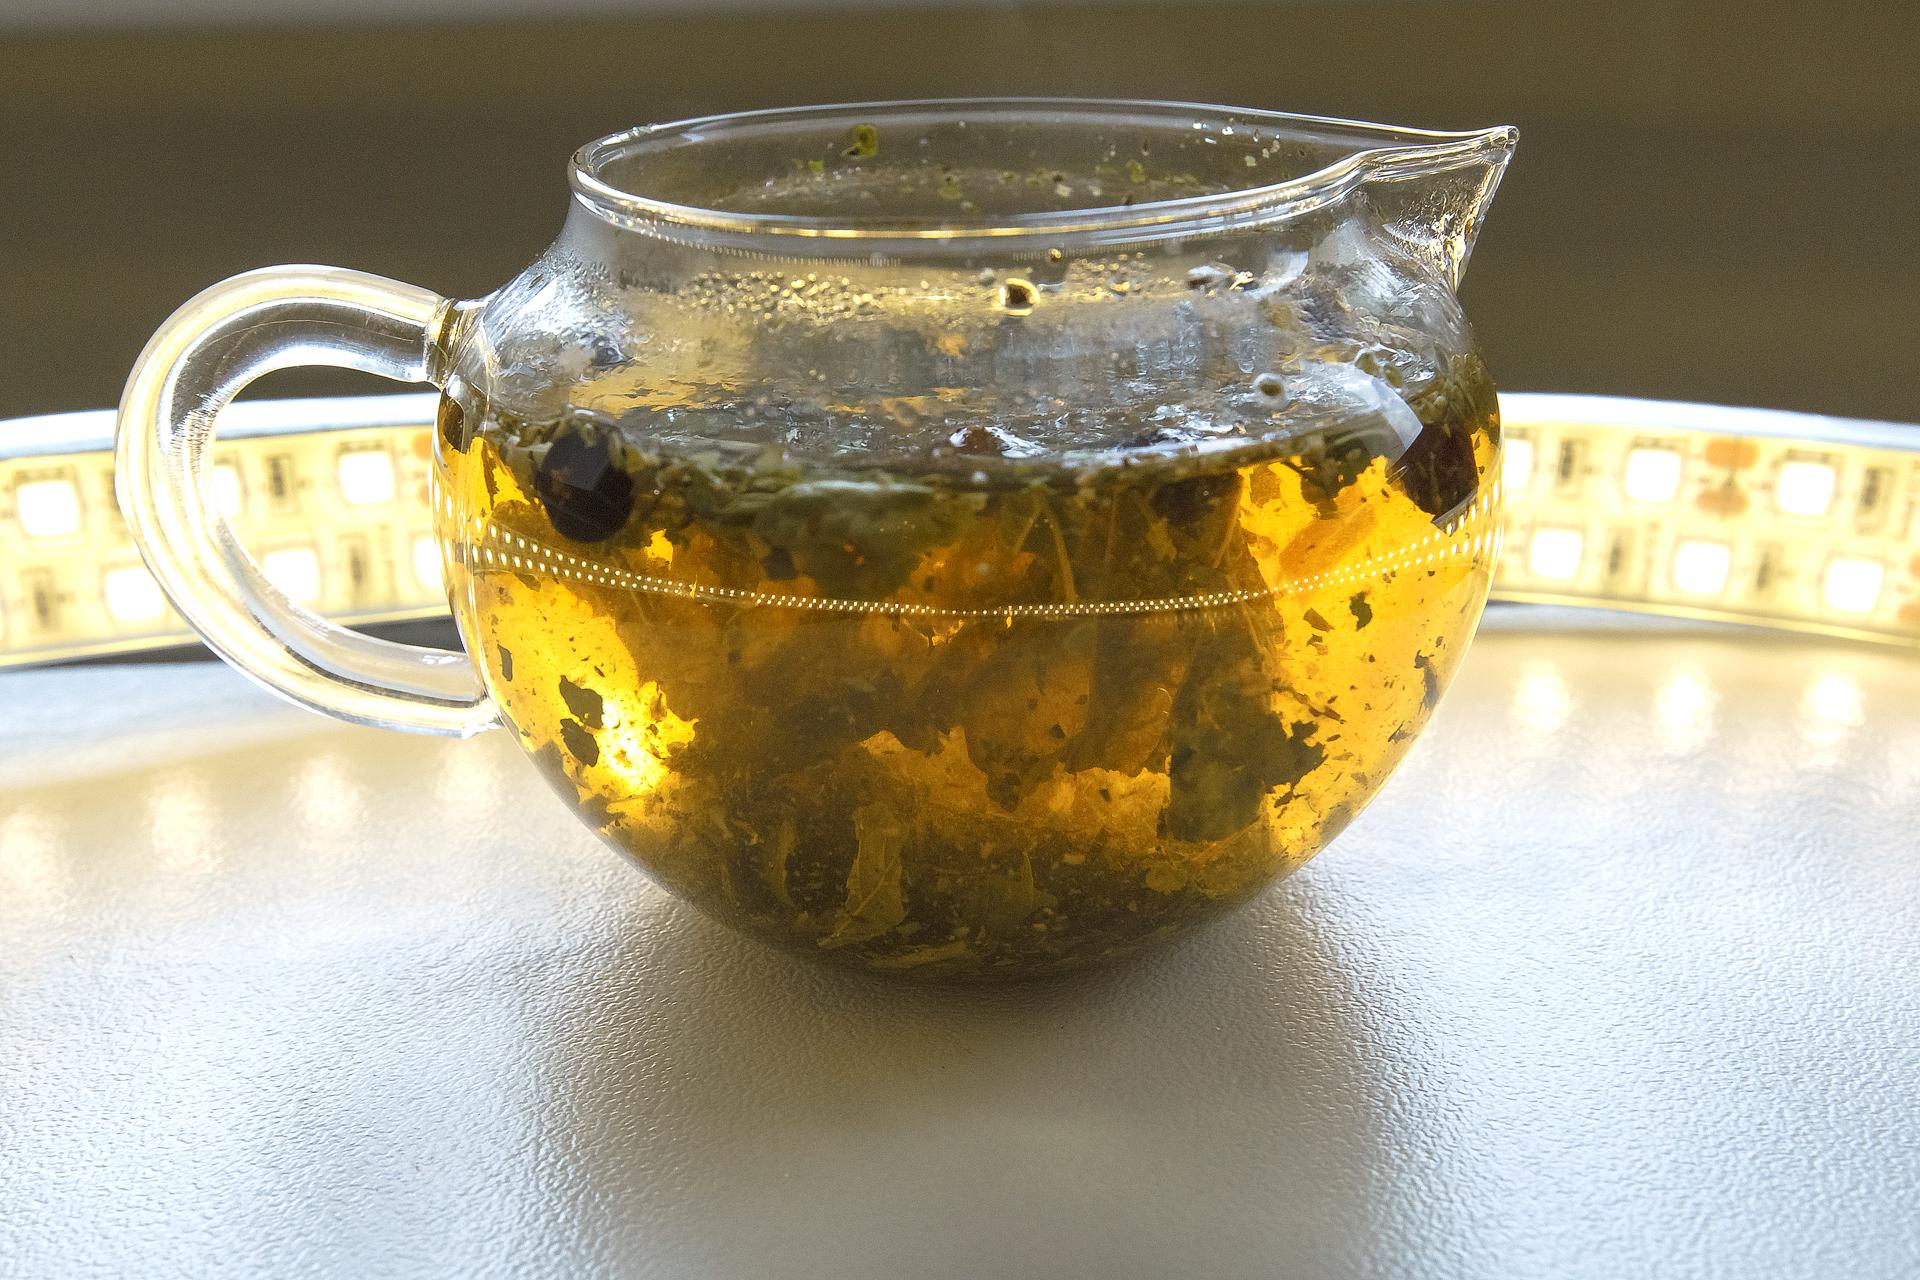 Был Заварен Травяной Чай На Столе Оказались - детально о чае